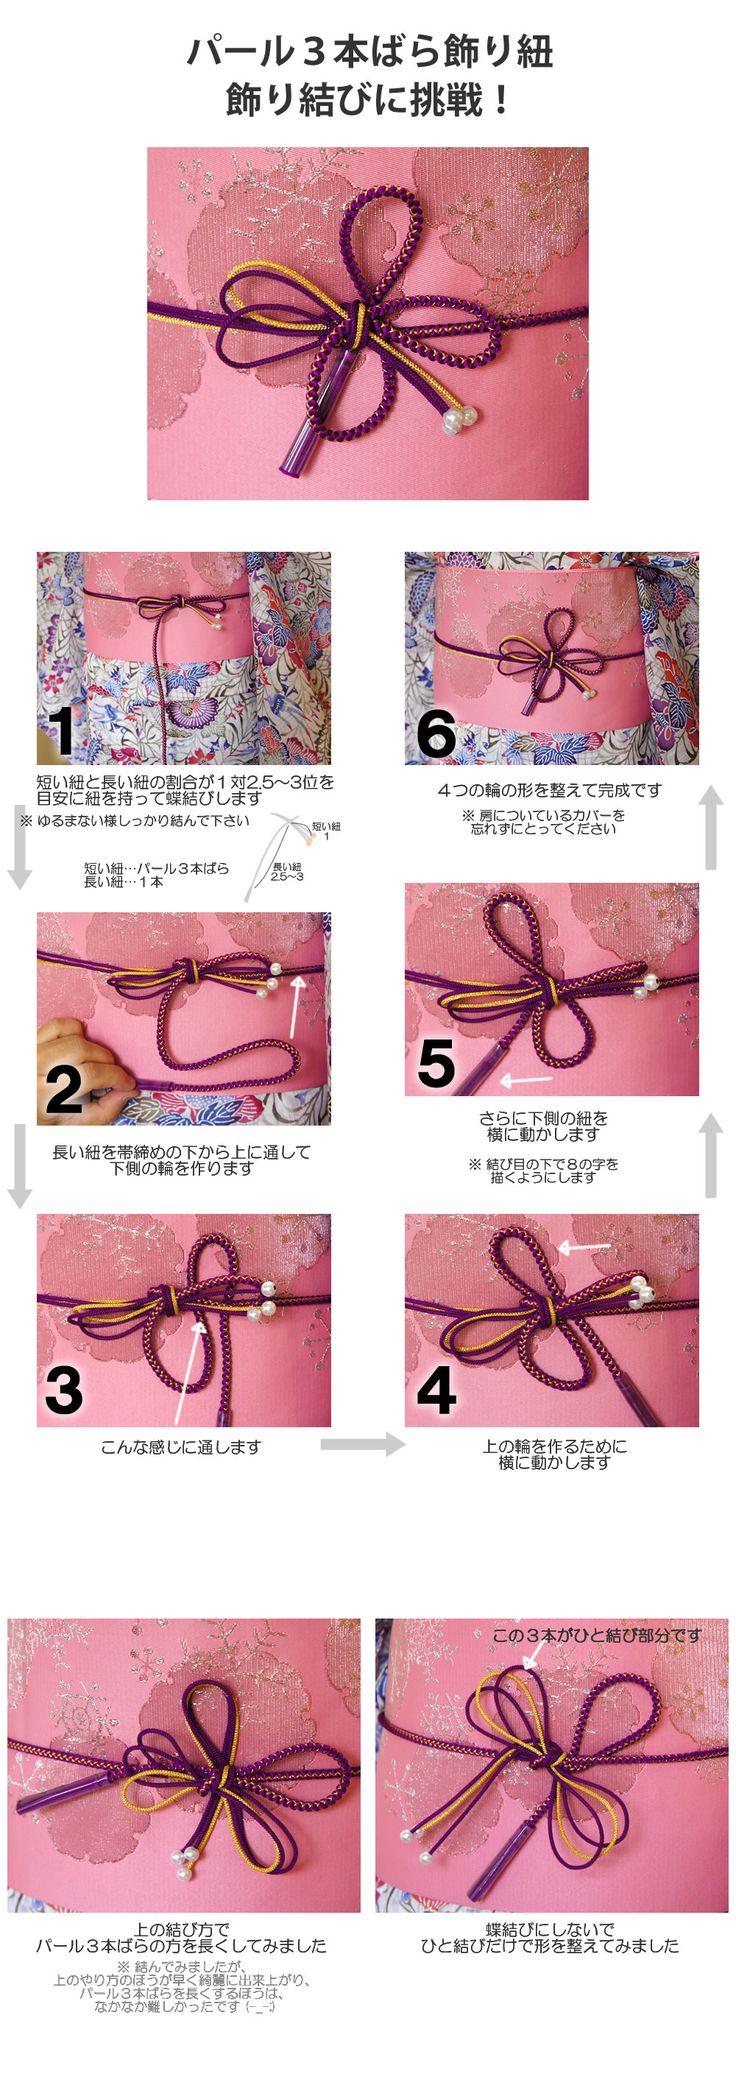 パール付き三本バラ飾り紐結び方 京都発の和装専門店、京都きもの日和